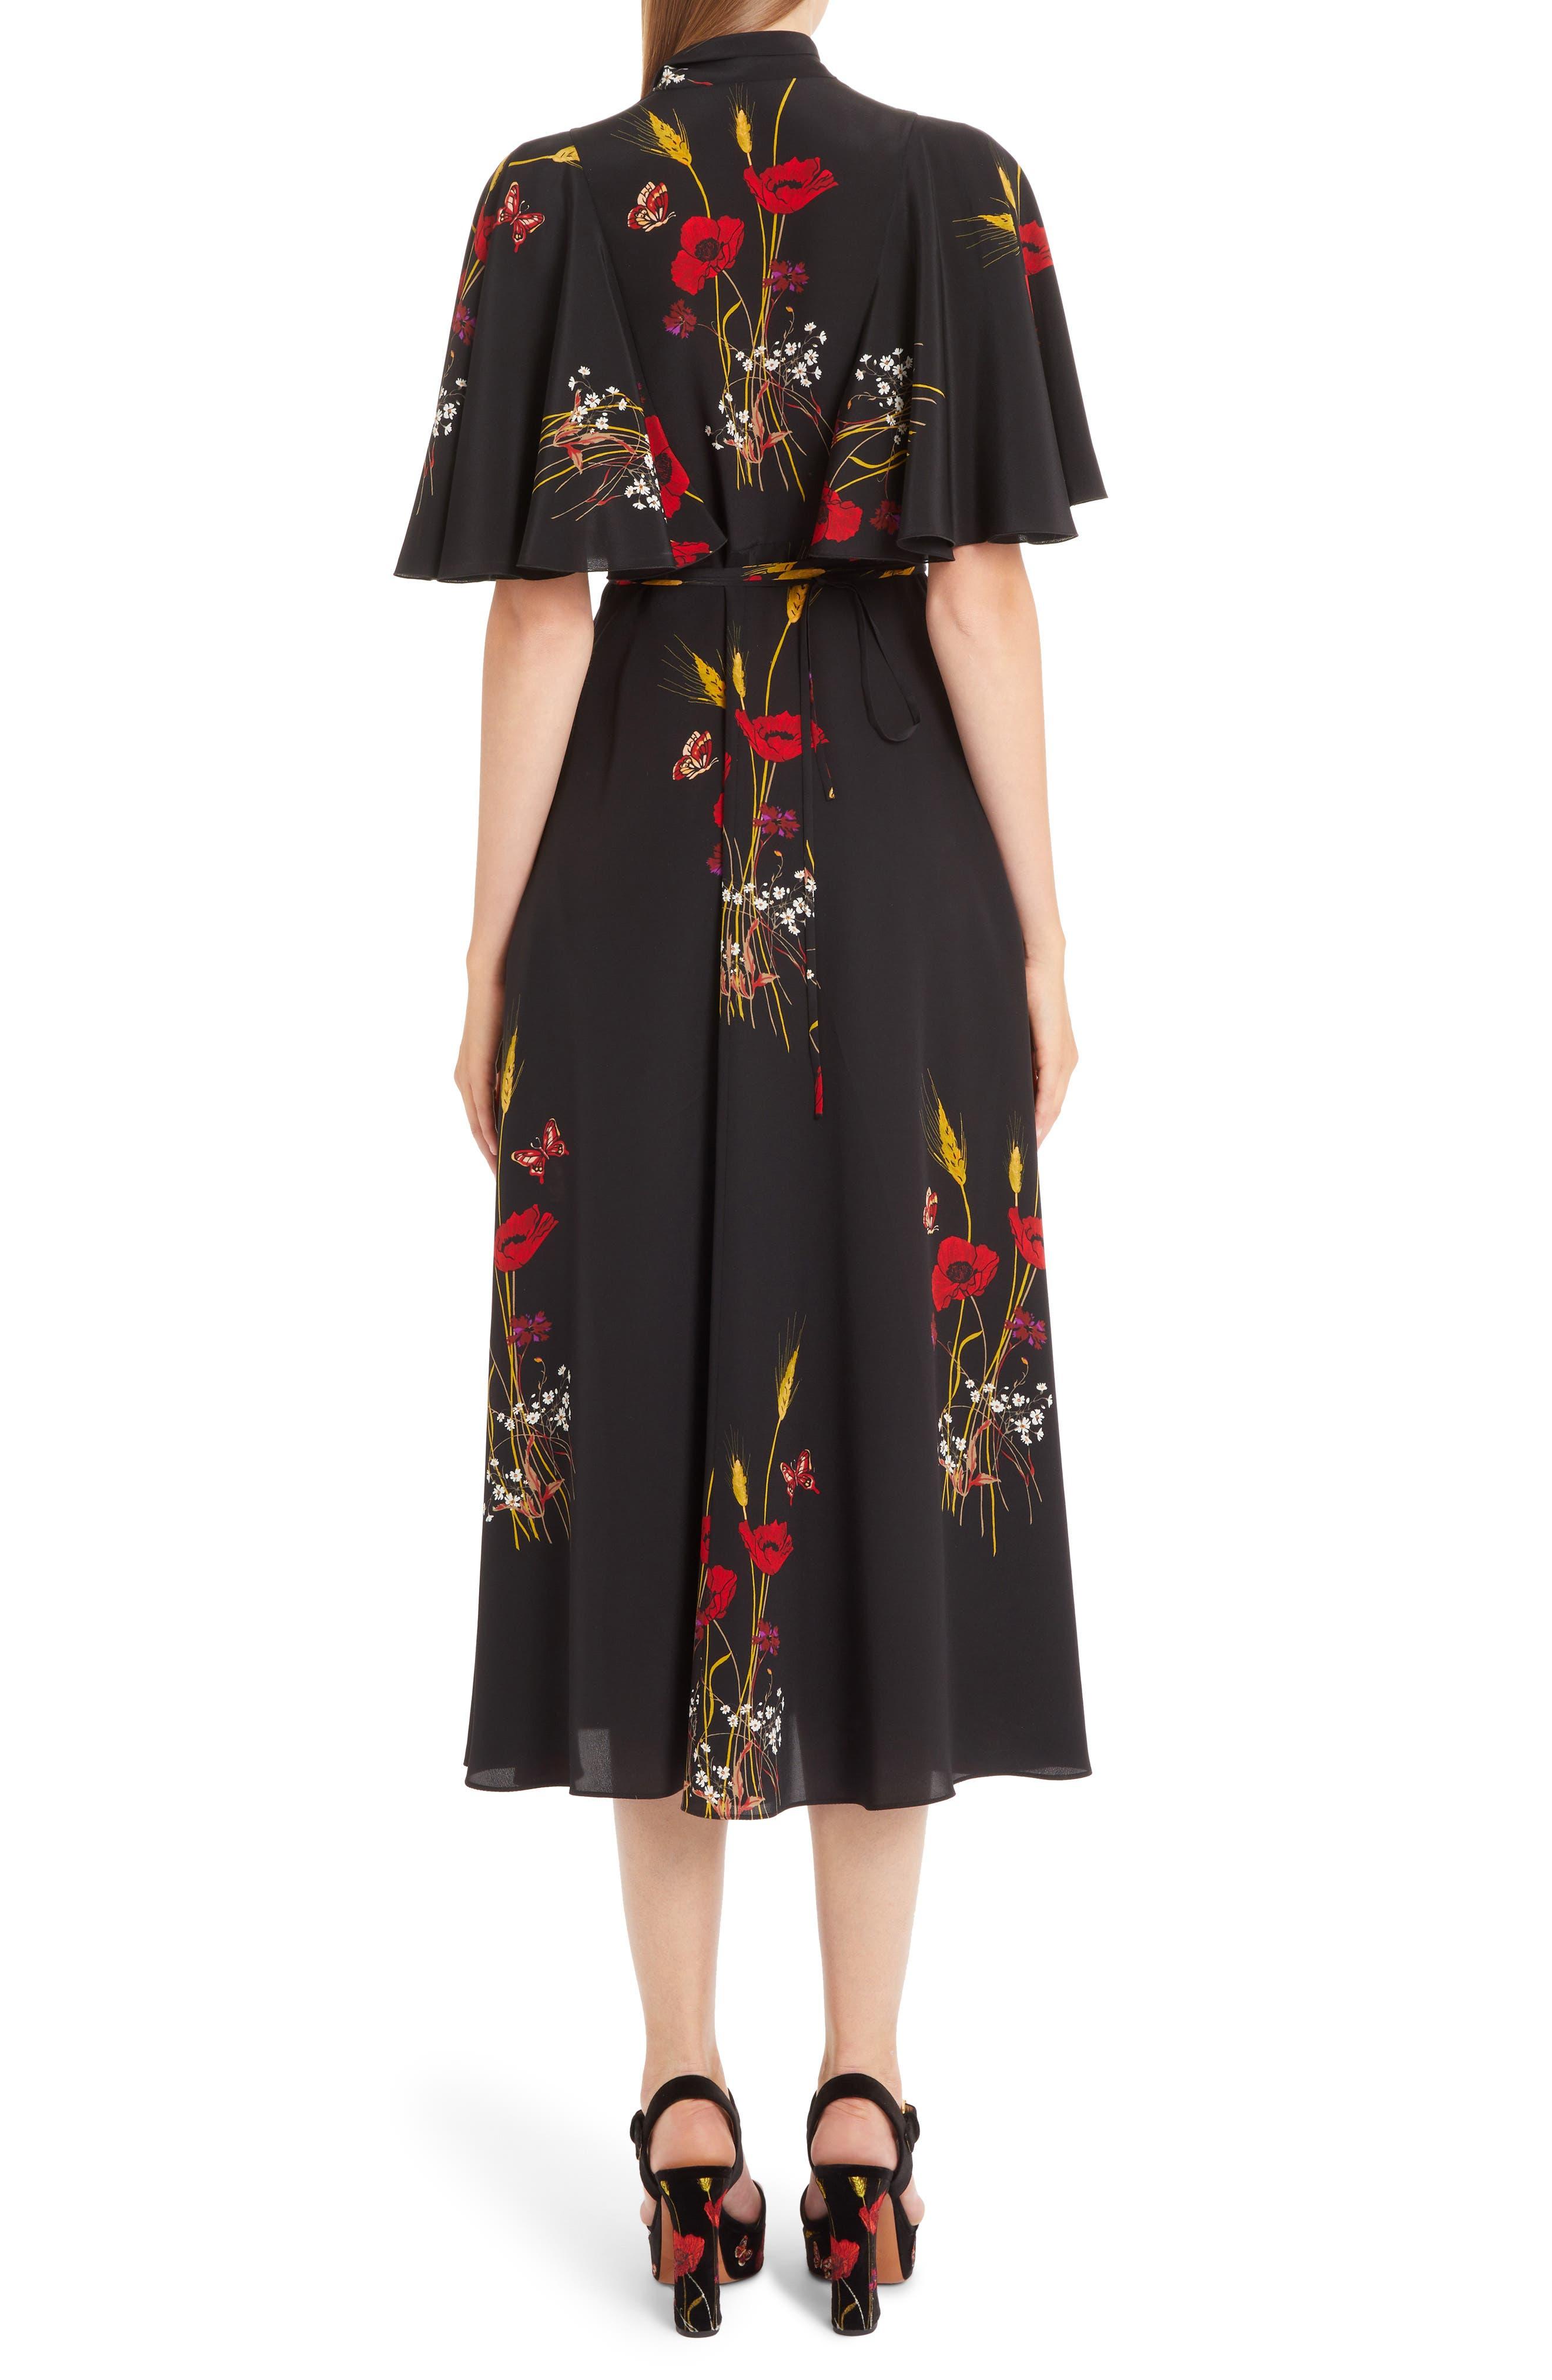 Floral Meadow Print Crêpe de Chine Faux Wrap Dress,                             Alternate thumbnail 2, color,                             BLACK/ MULTI COLOR